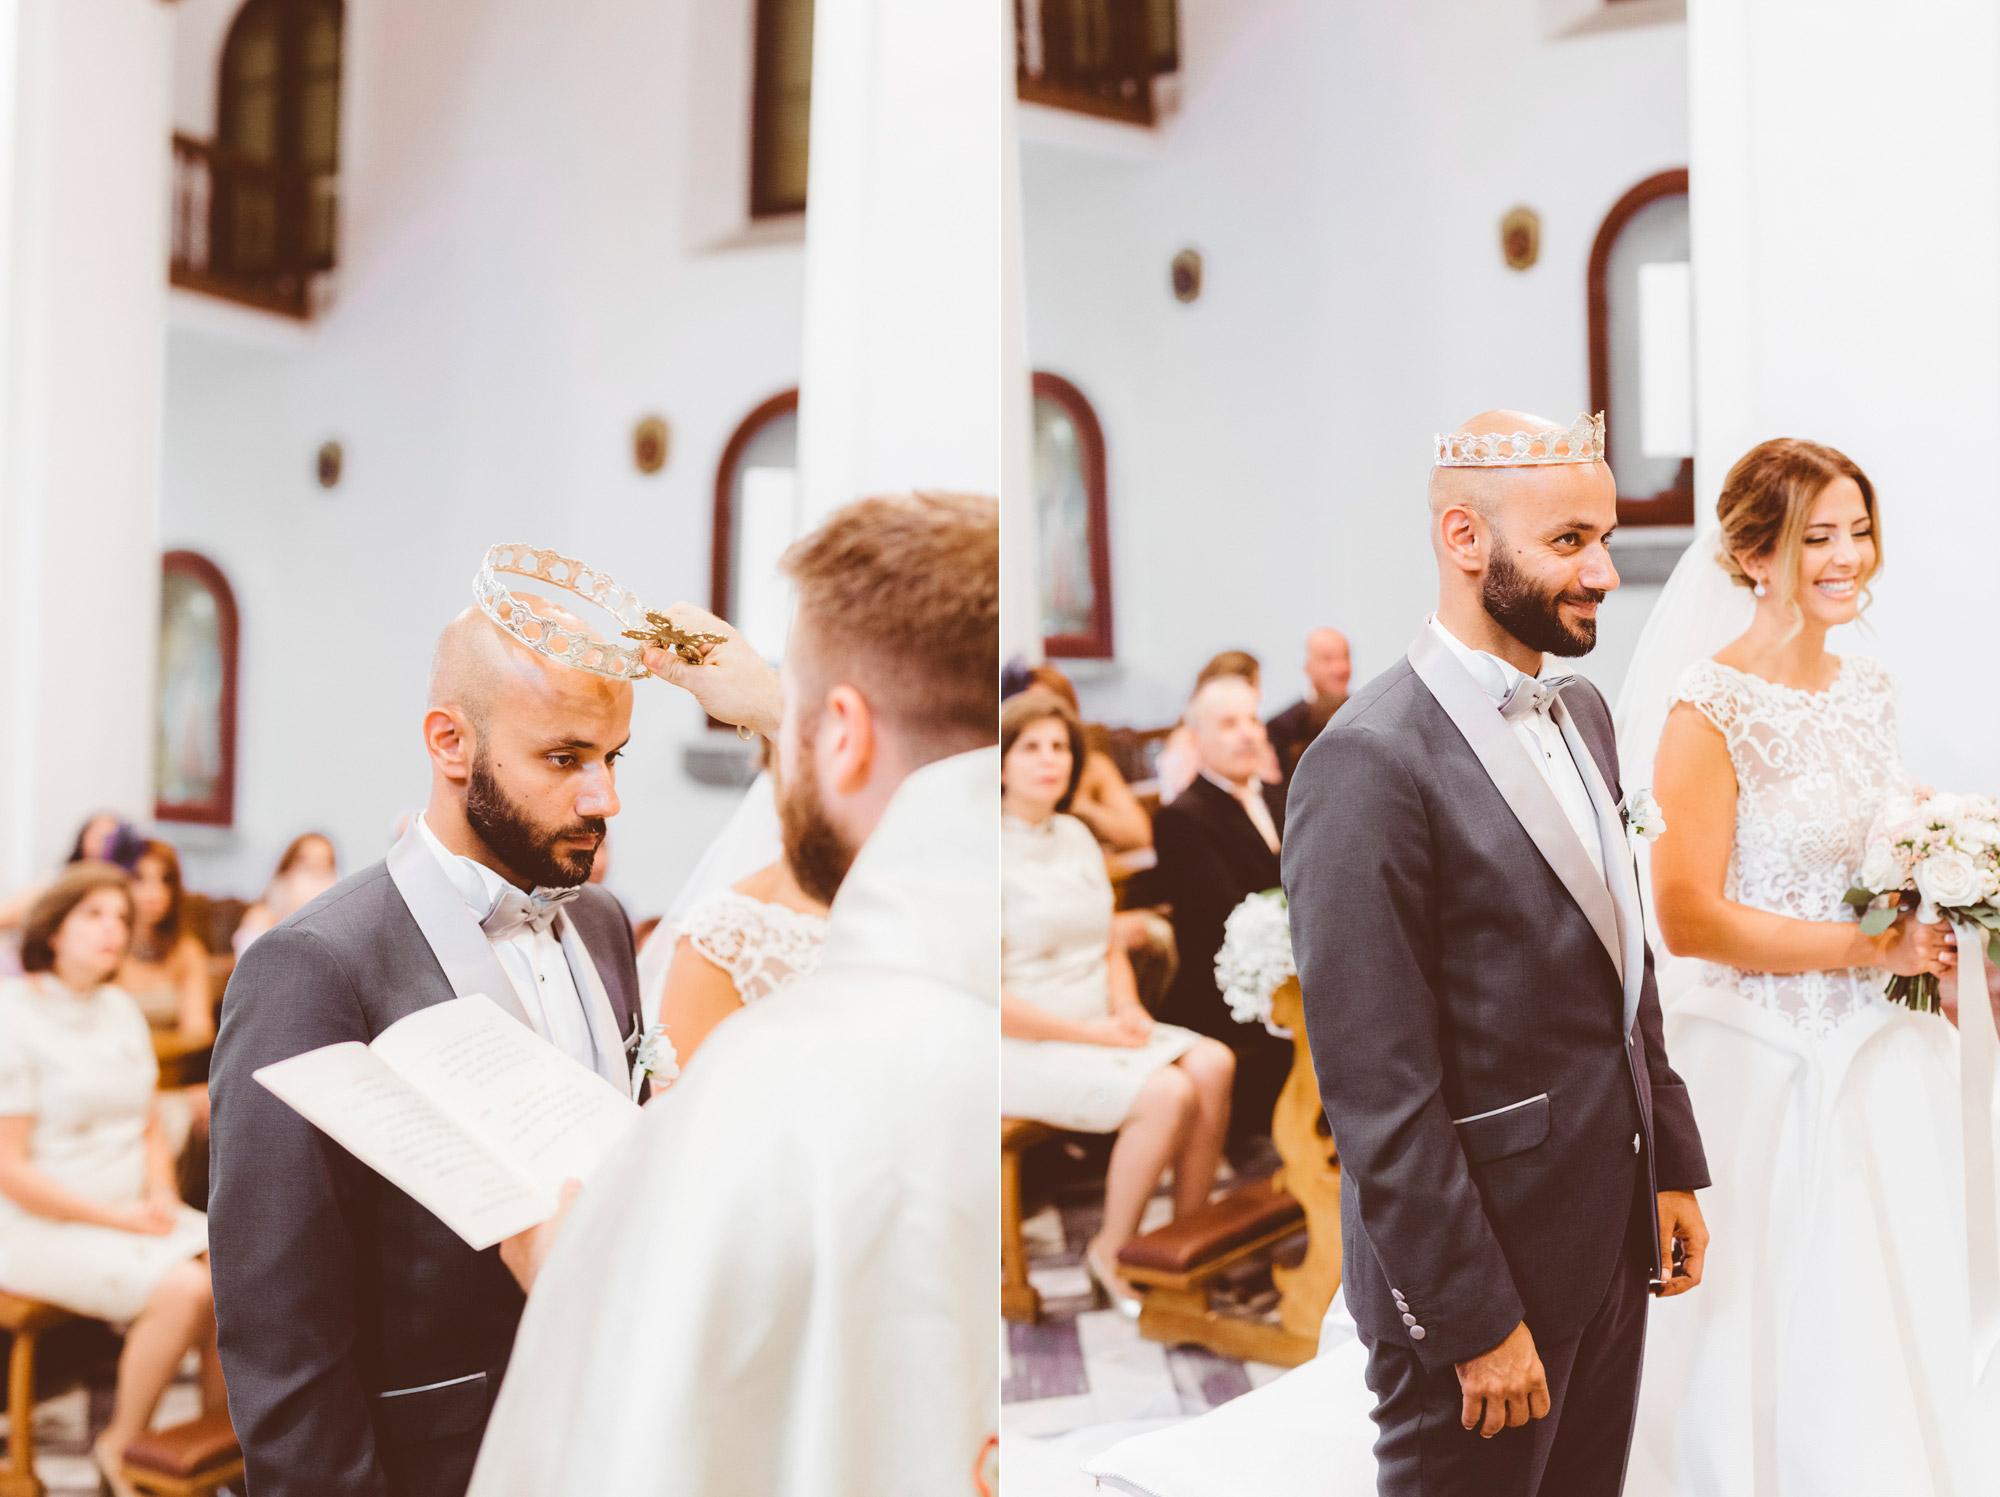 045-santamarinella-wedding-castello-odescalchi.jpg